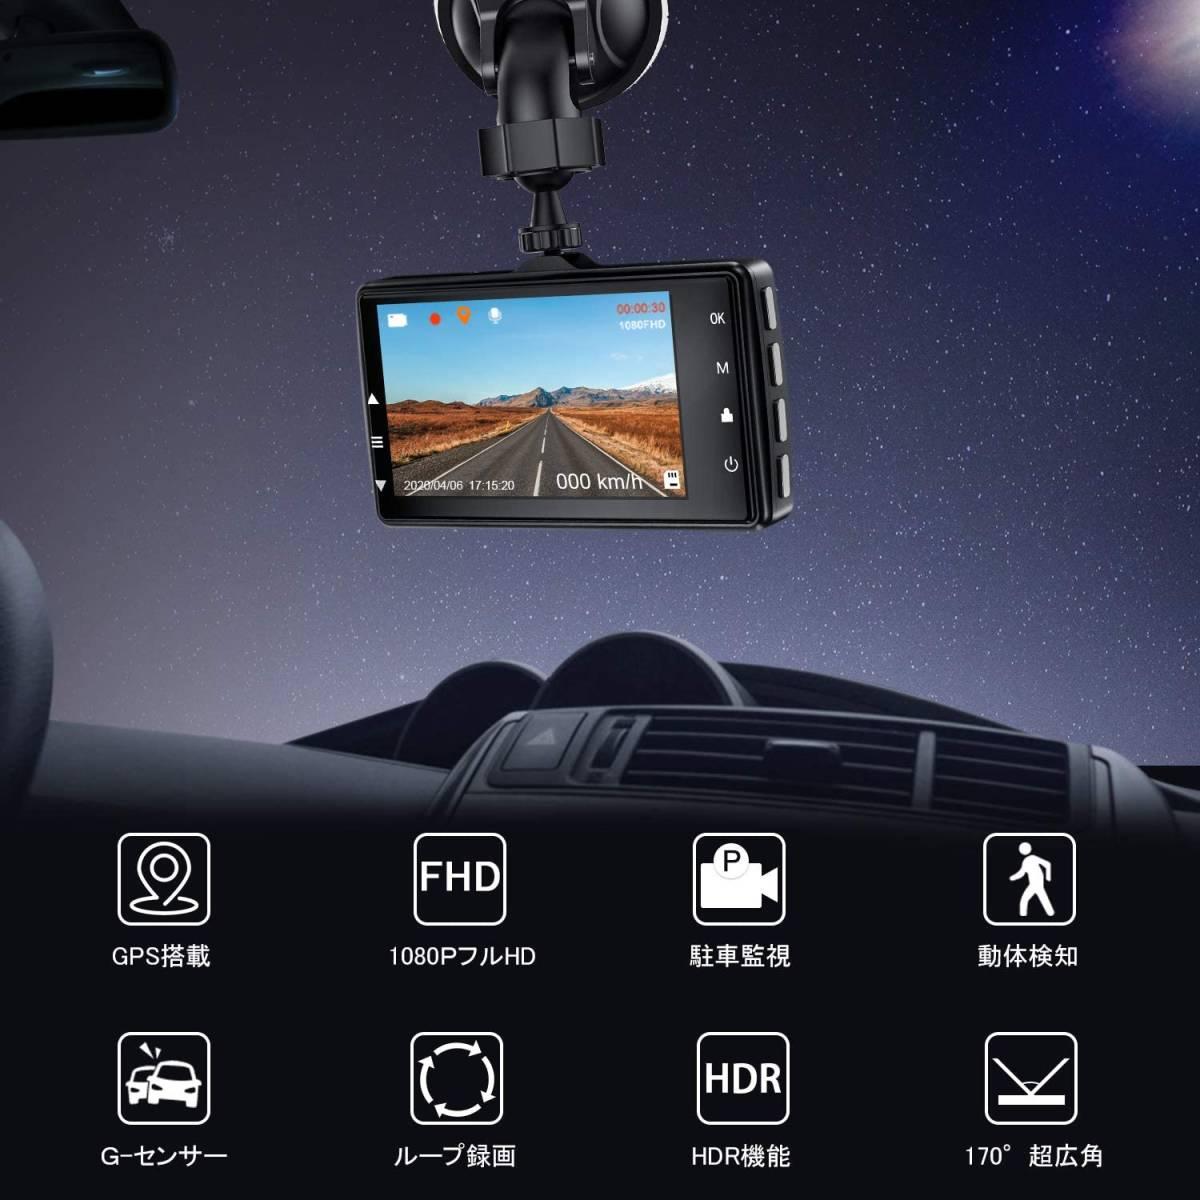 【2021進化版&GPS搭載&前後カメラ】.ドライブレコーダー 前後カメラ1080PフルHD 3.0インチ高画質 170度広角視野 常時録画 Gセンサー_画像4